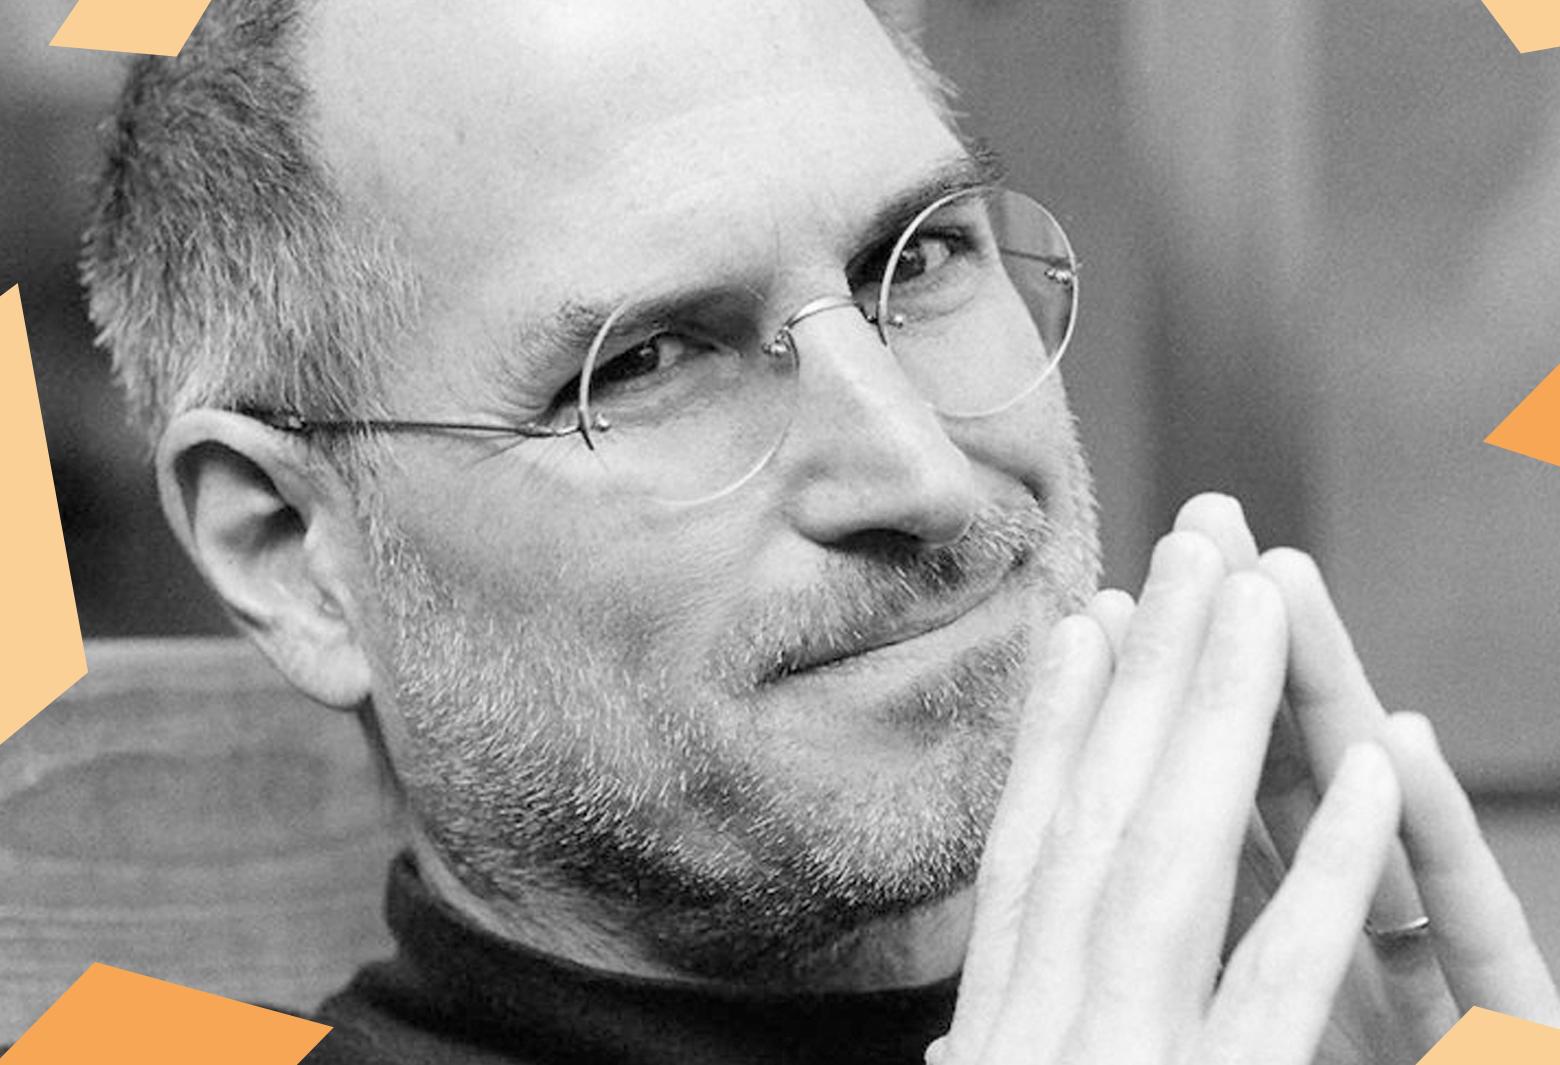 Steve Jobs.png (858 KB)